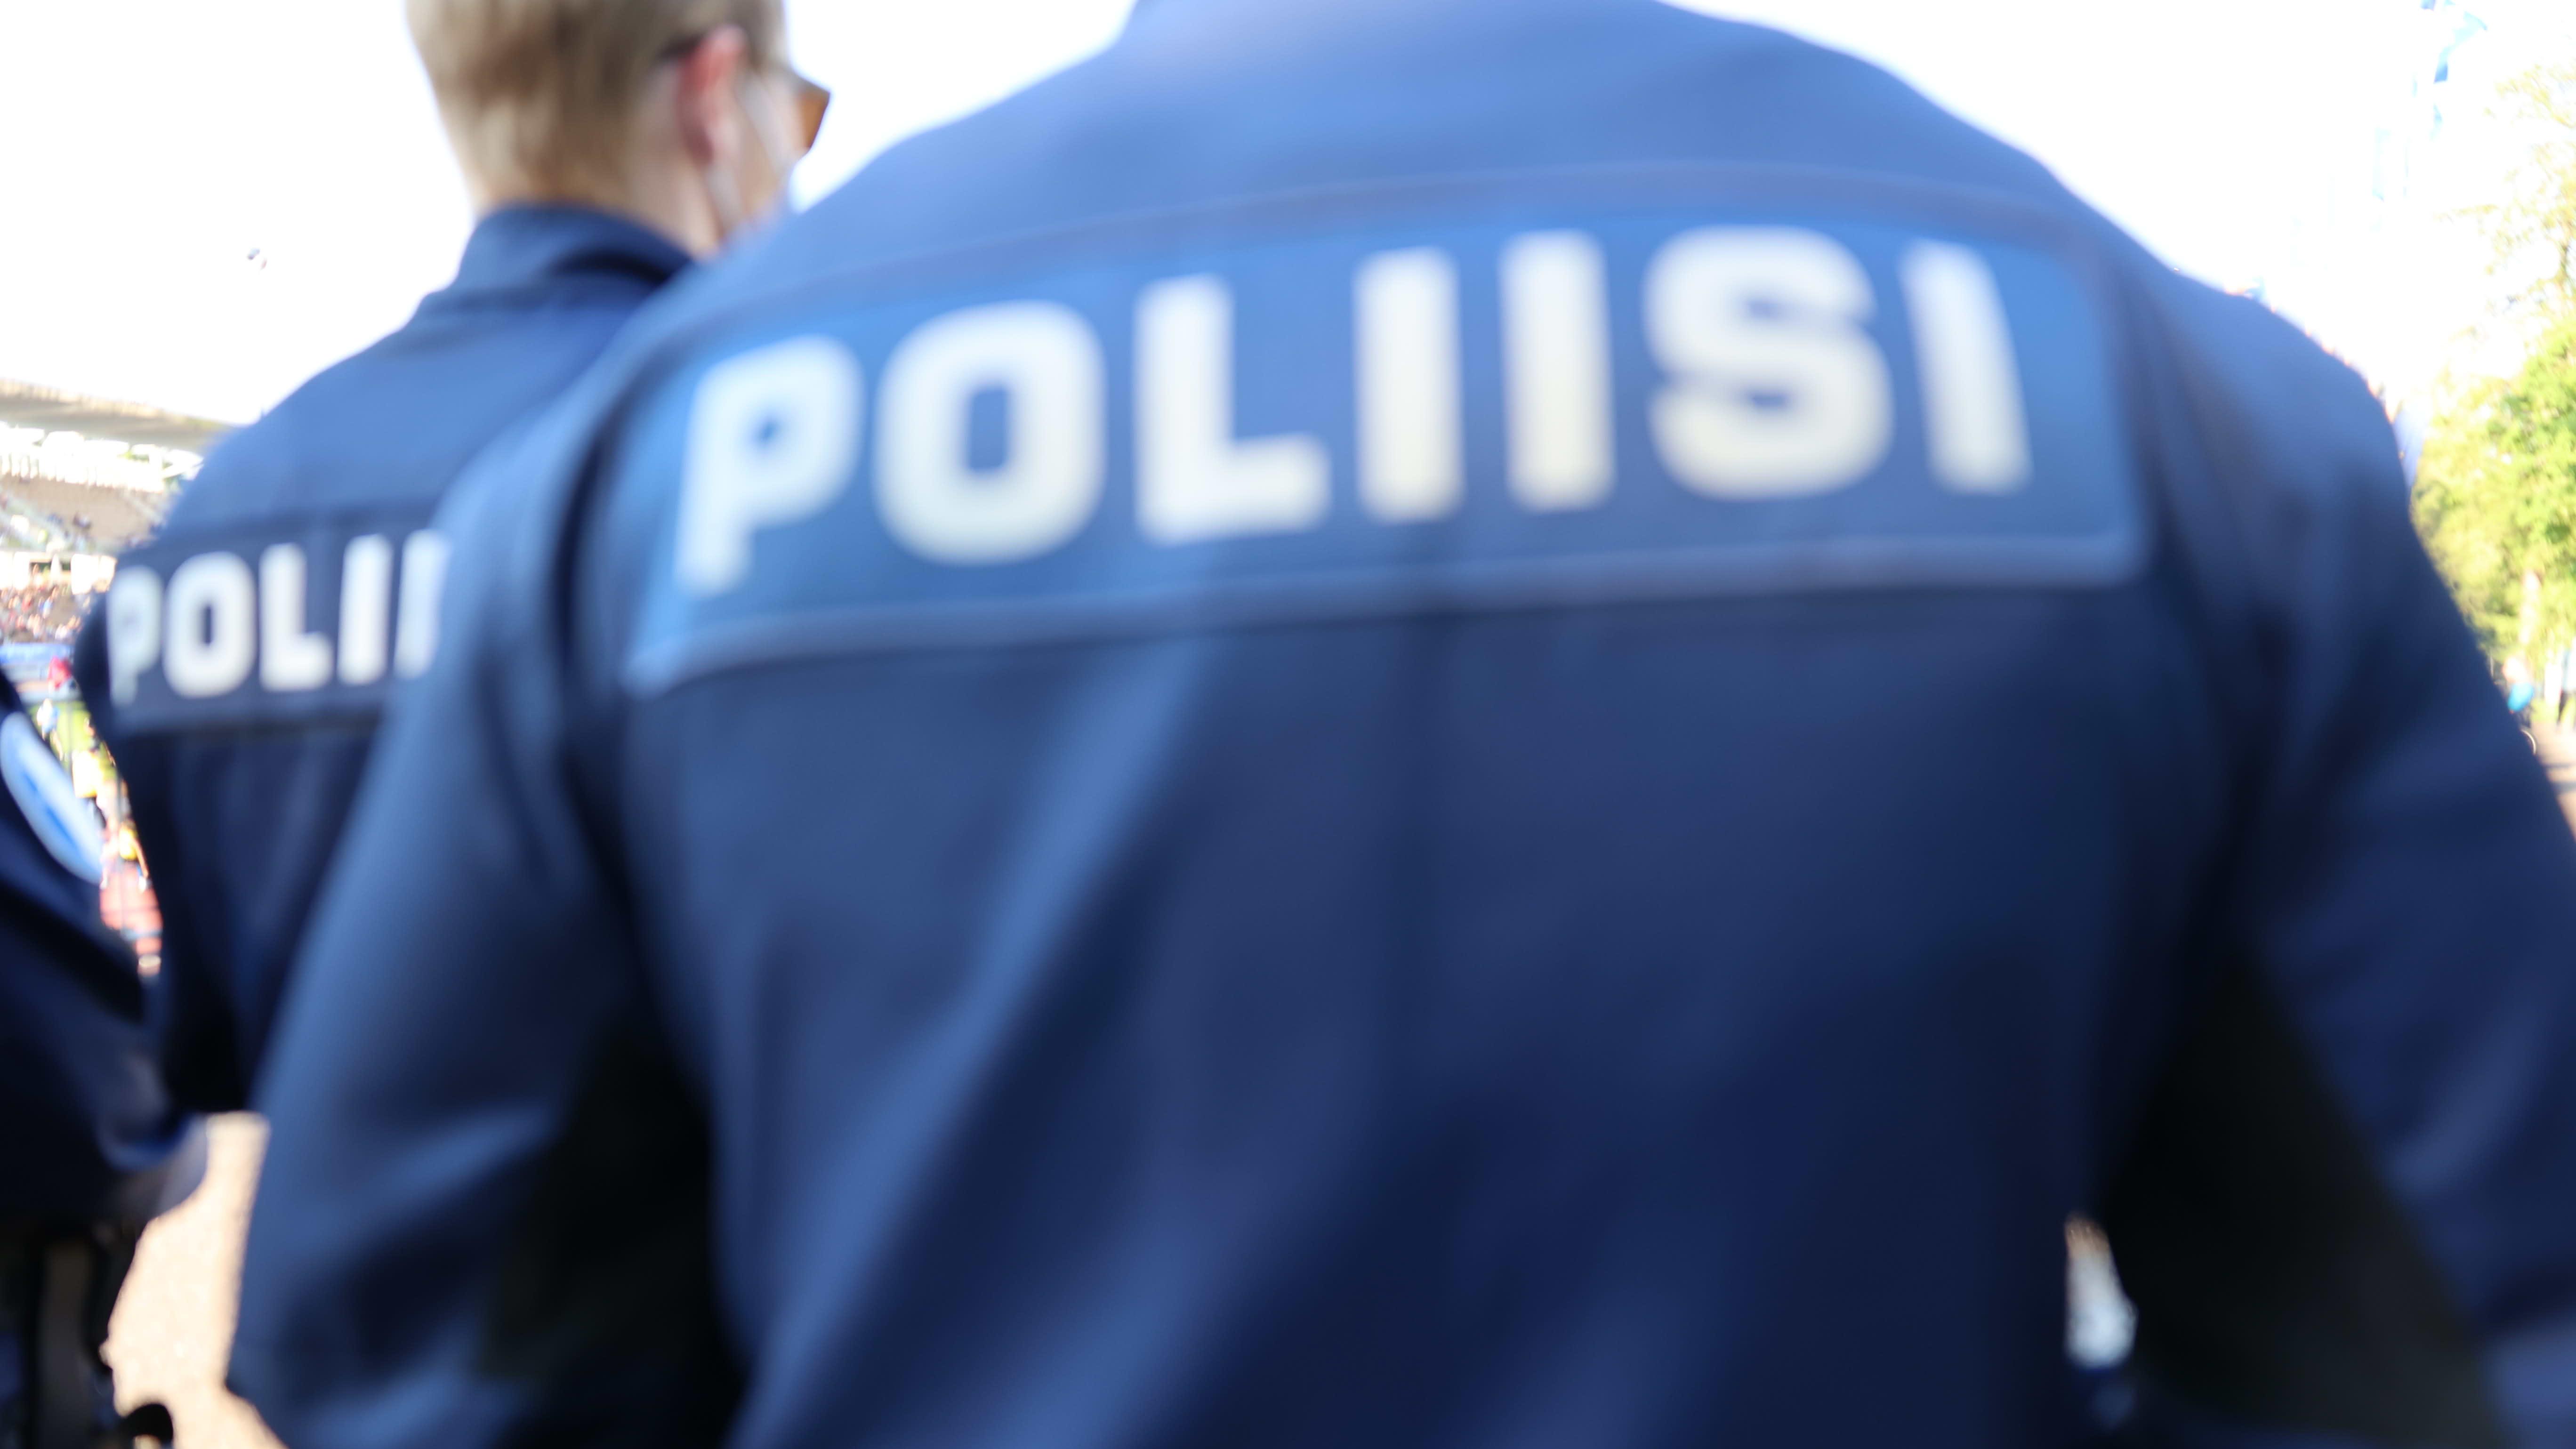 Polisiista selkäkuva